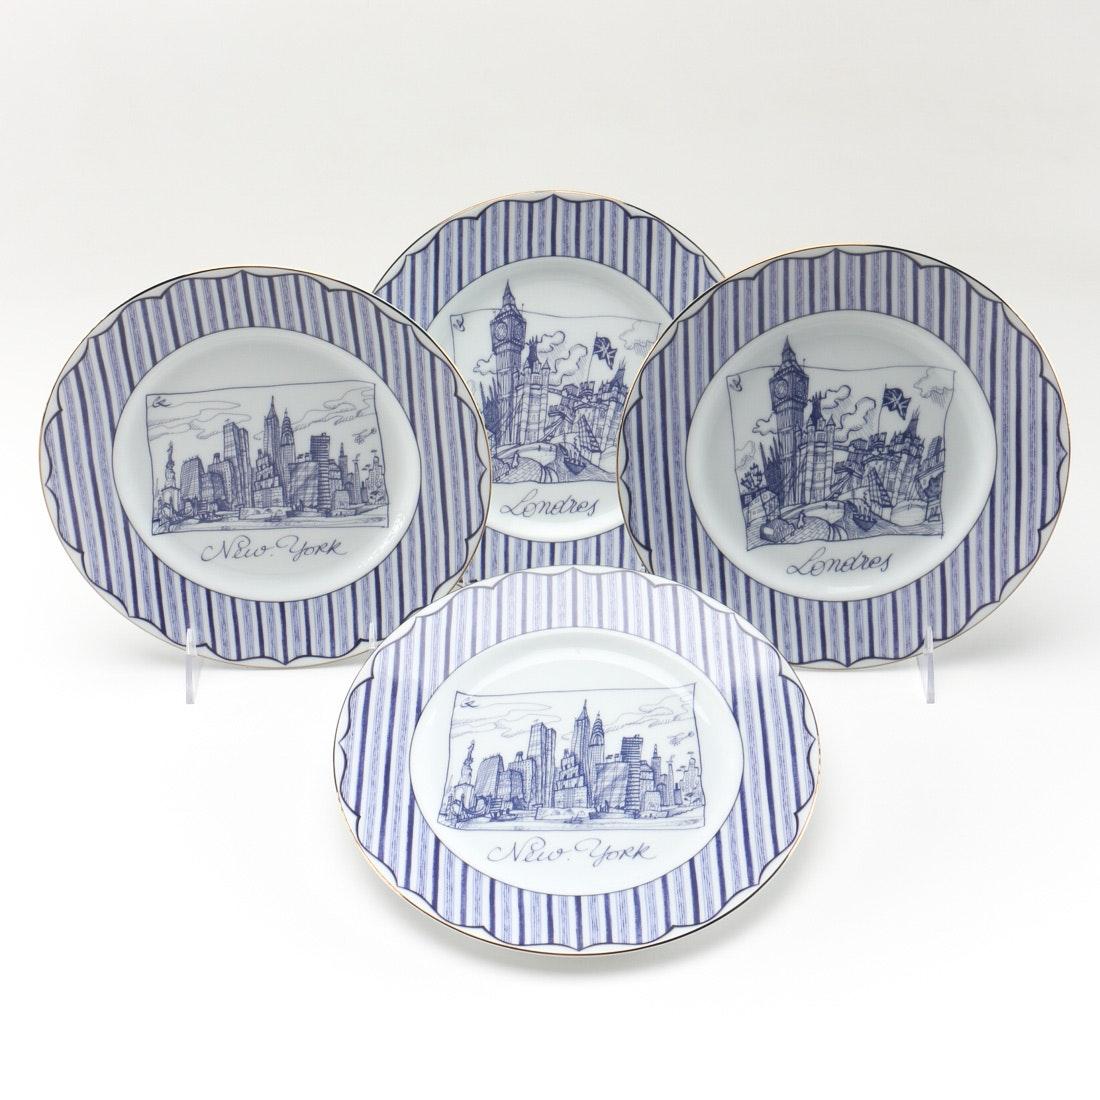 Christian Lacroix  Cartes Postales  Salad Plates ...  sc 1 st  EBTH.com & Christian Lacroix